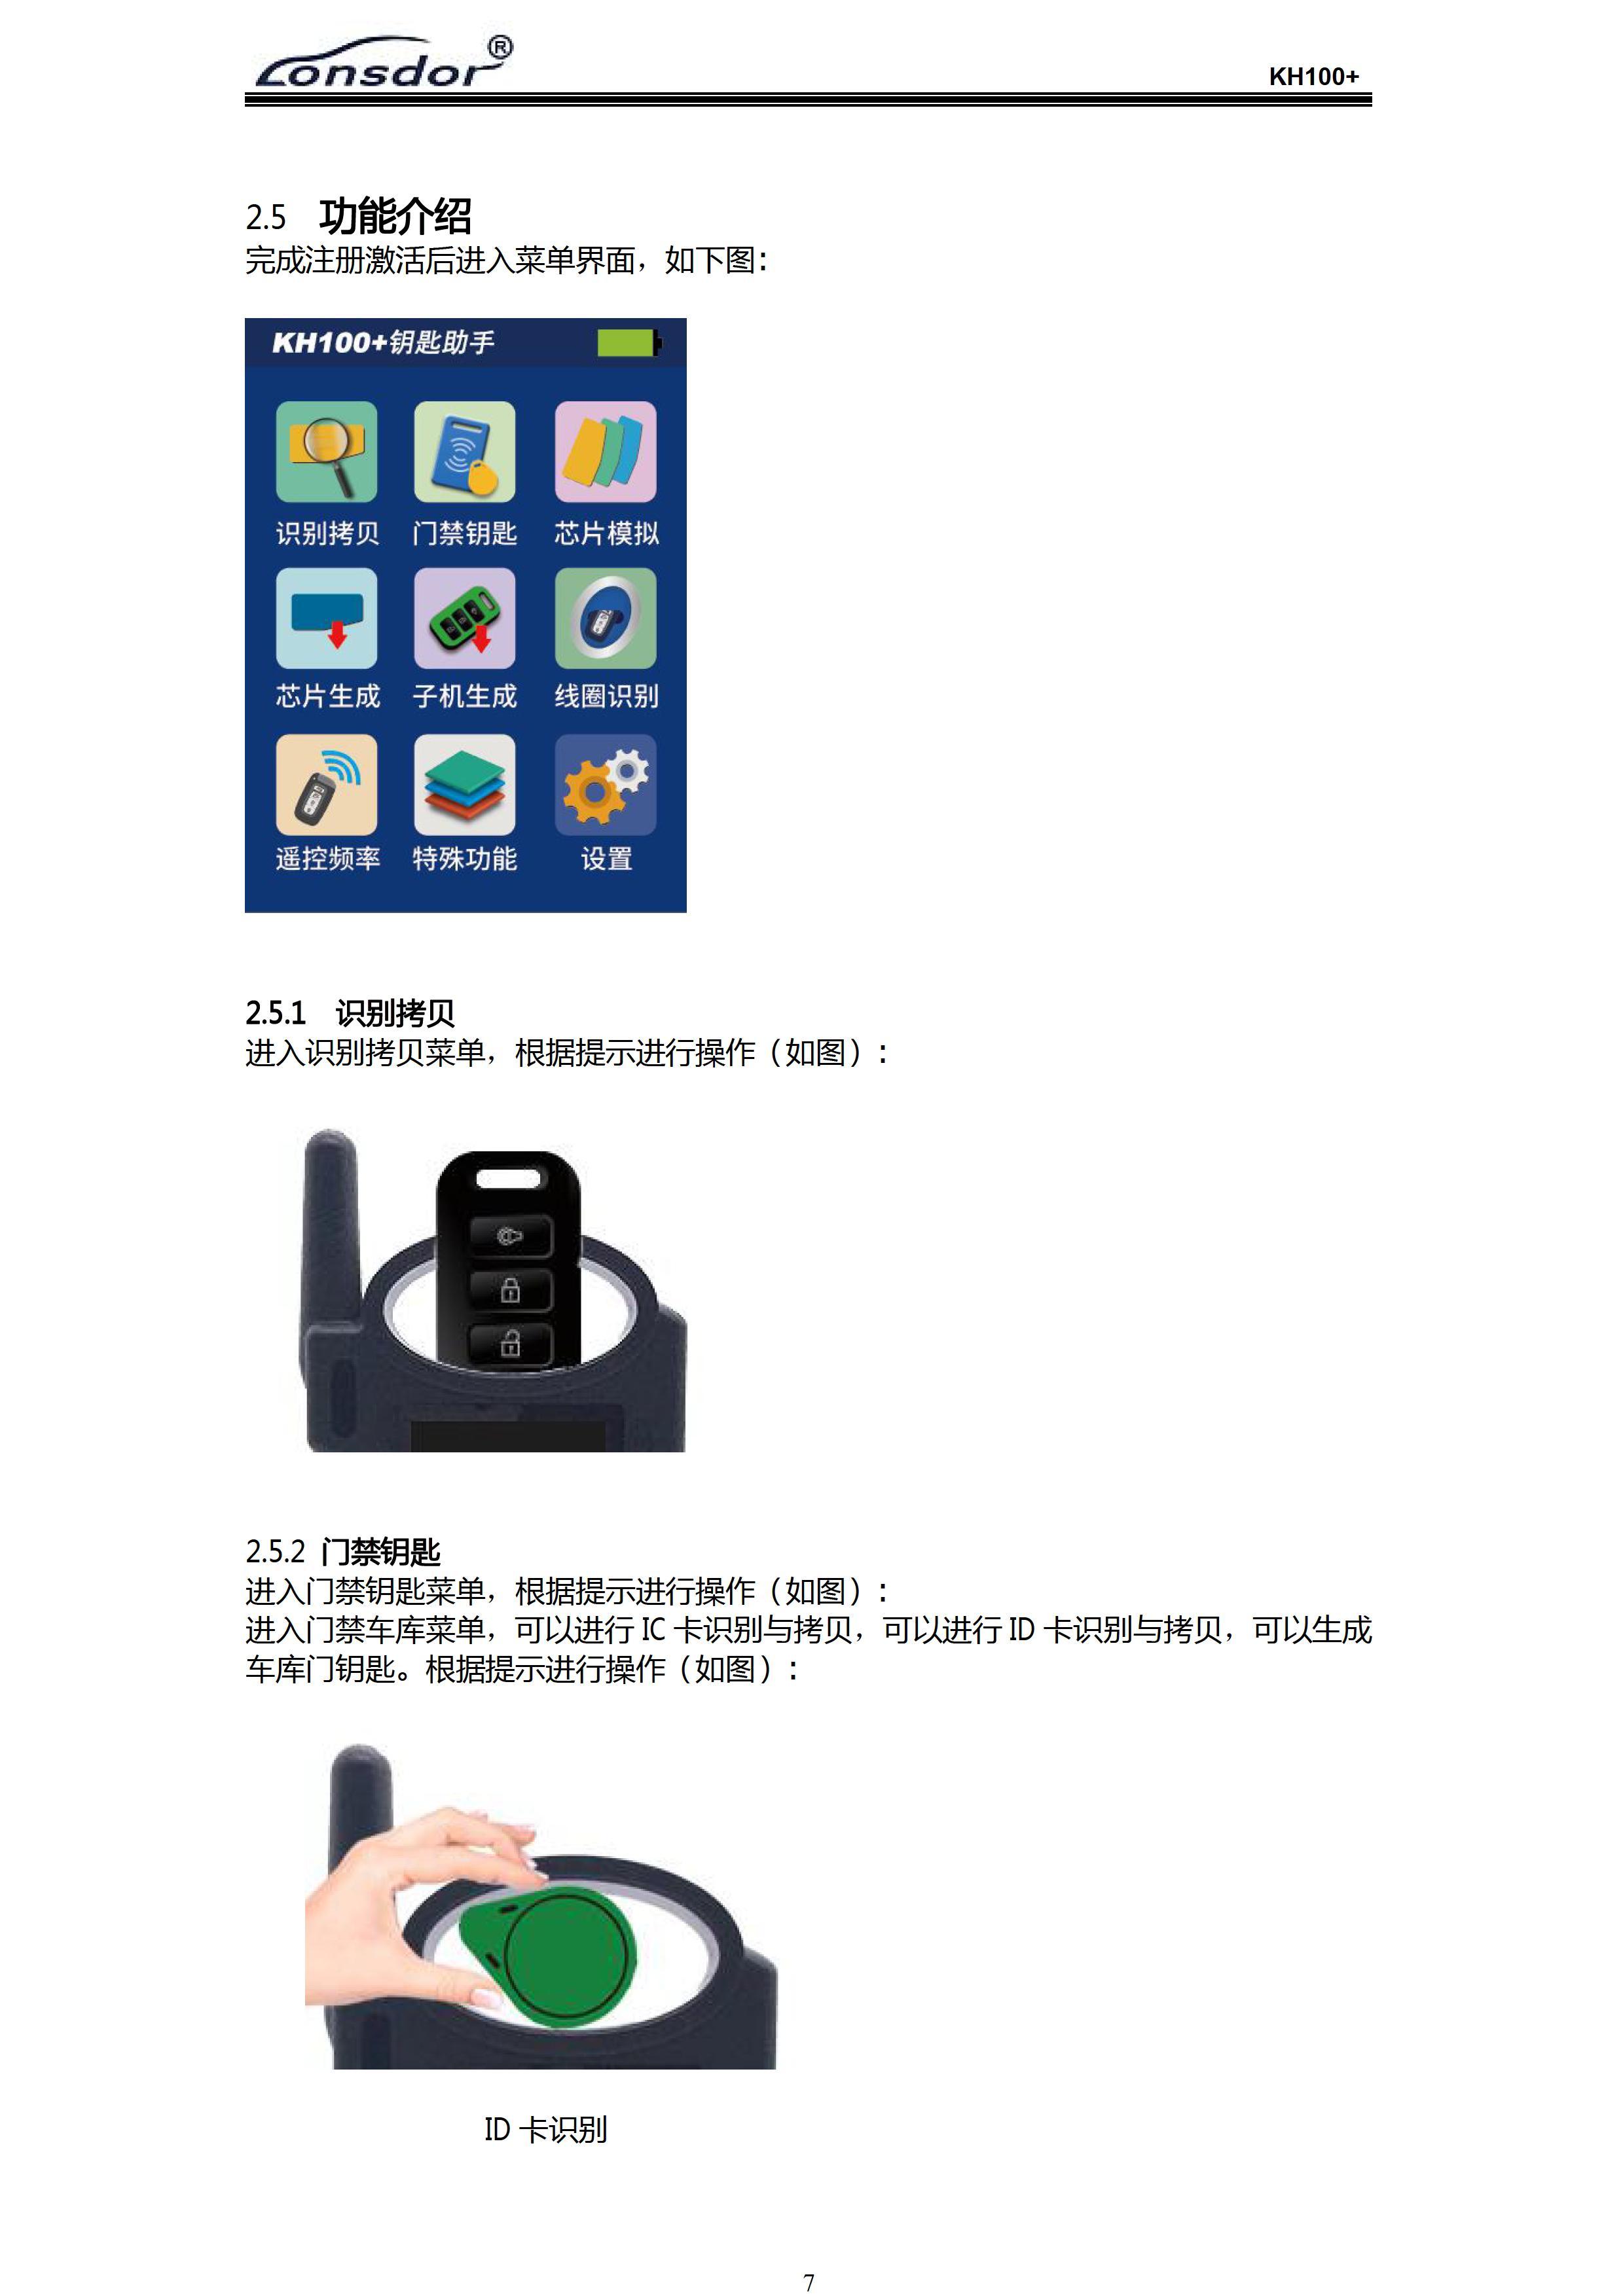 KH100说明书(110mmX75mm彩色印刷)正式版20200318 - 0008